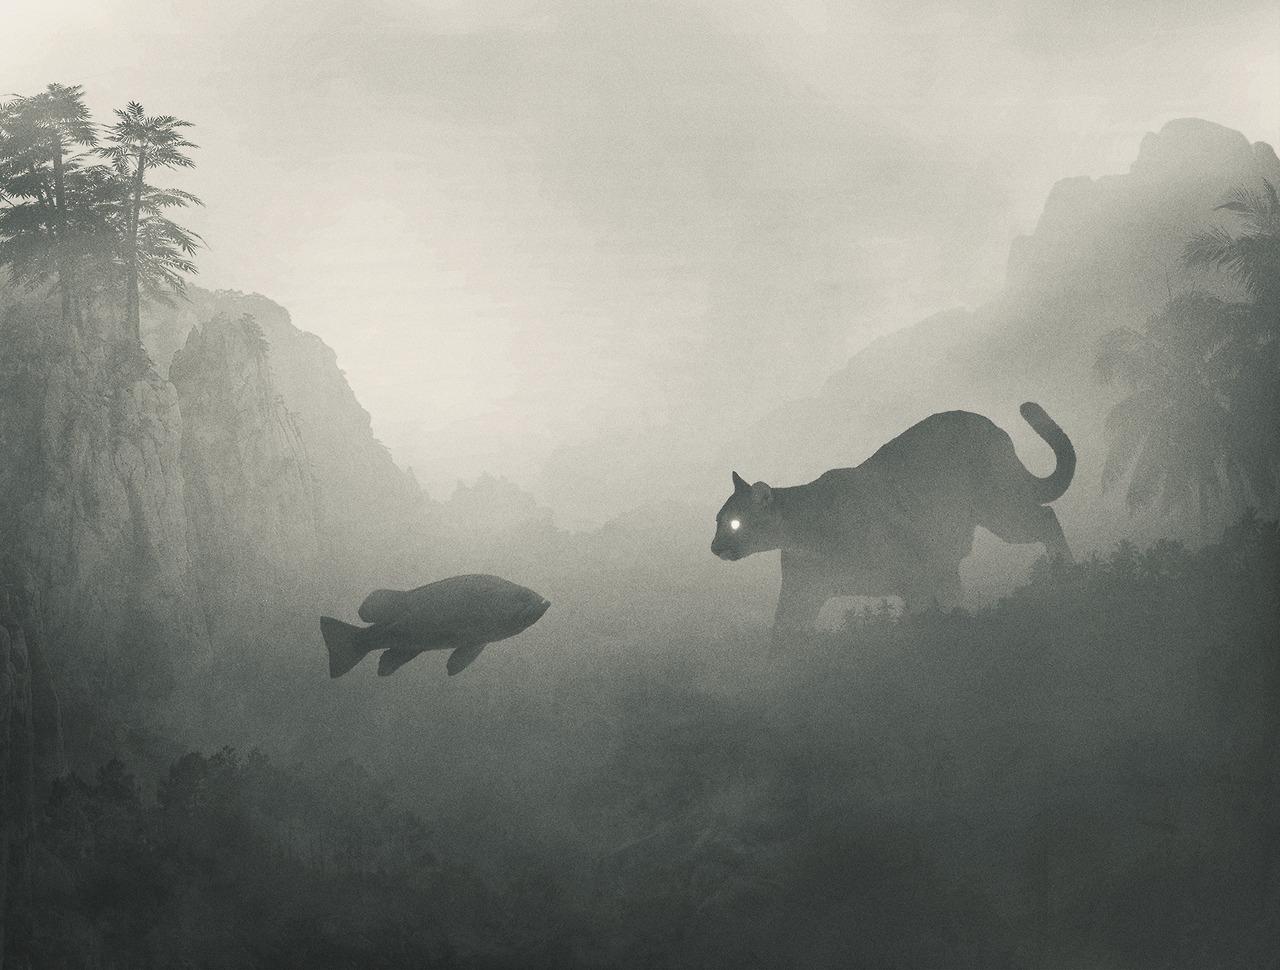 Mysteriöse digitale Bilder von Dawid Planeta_Katze und Fisch